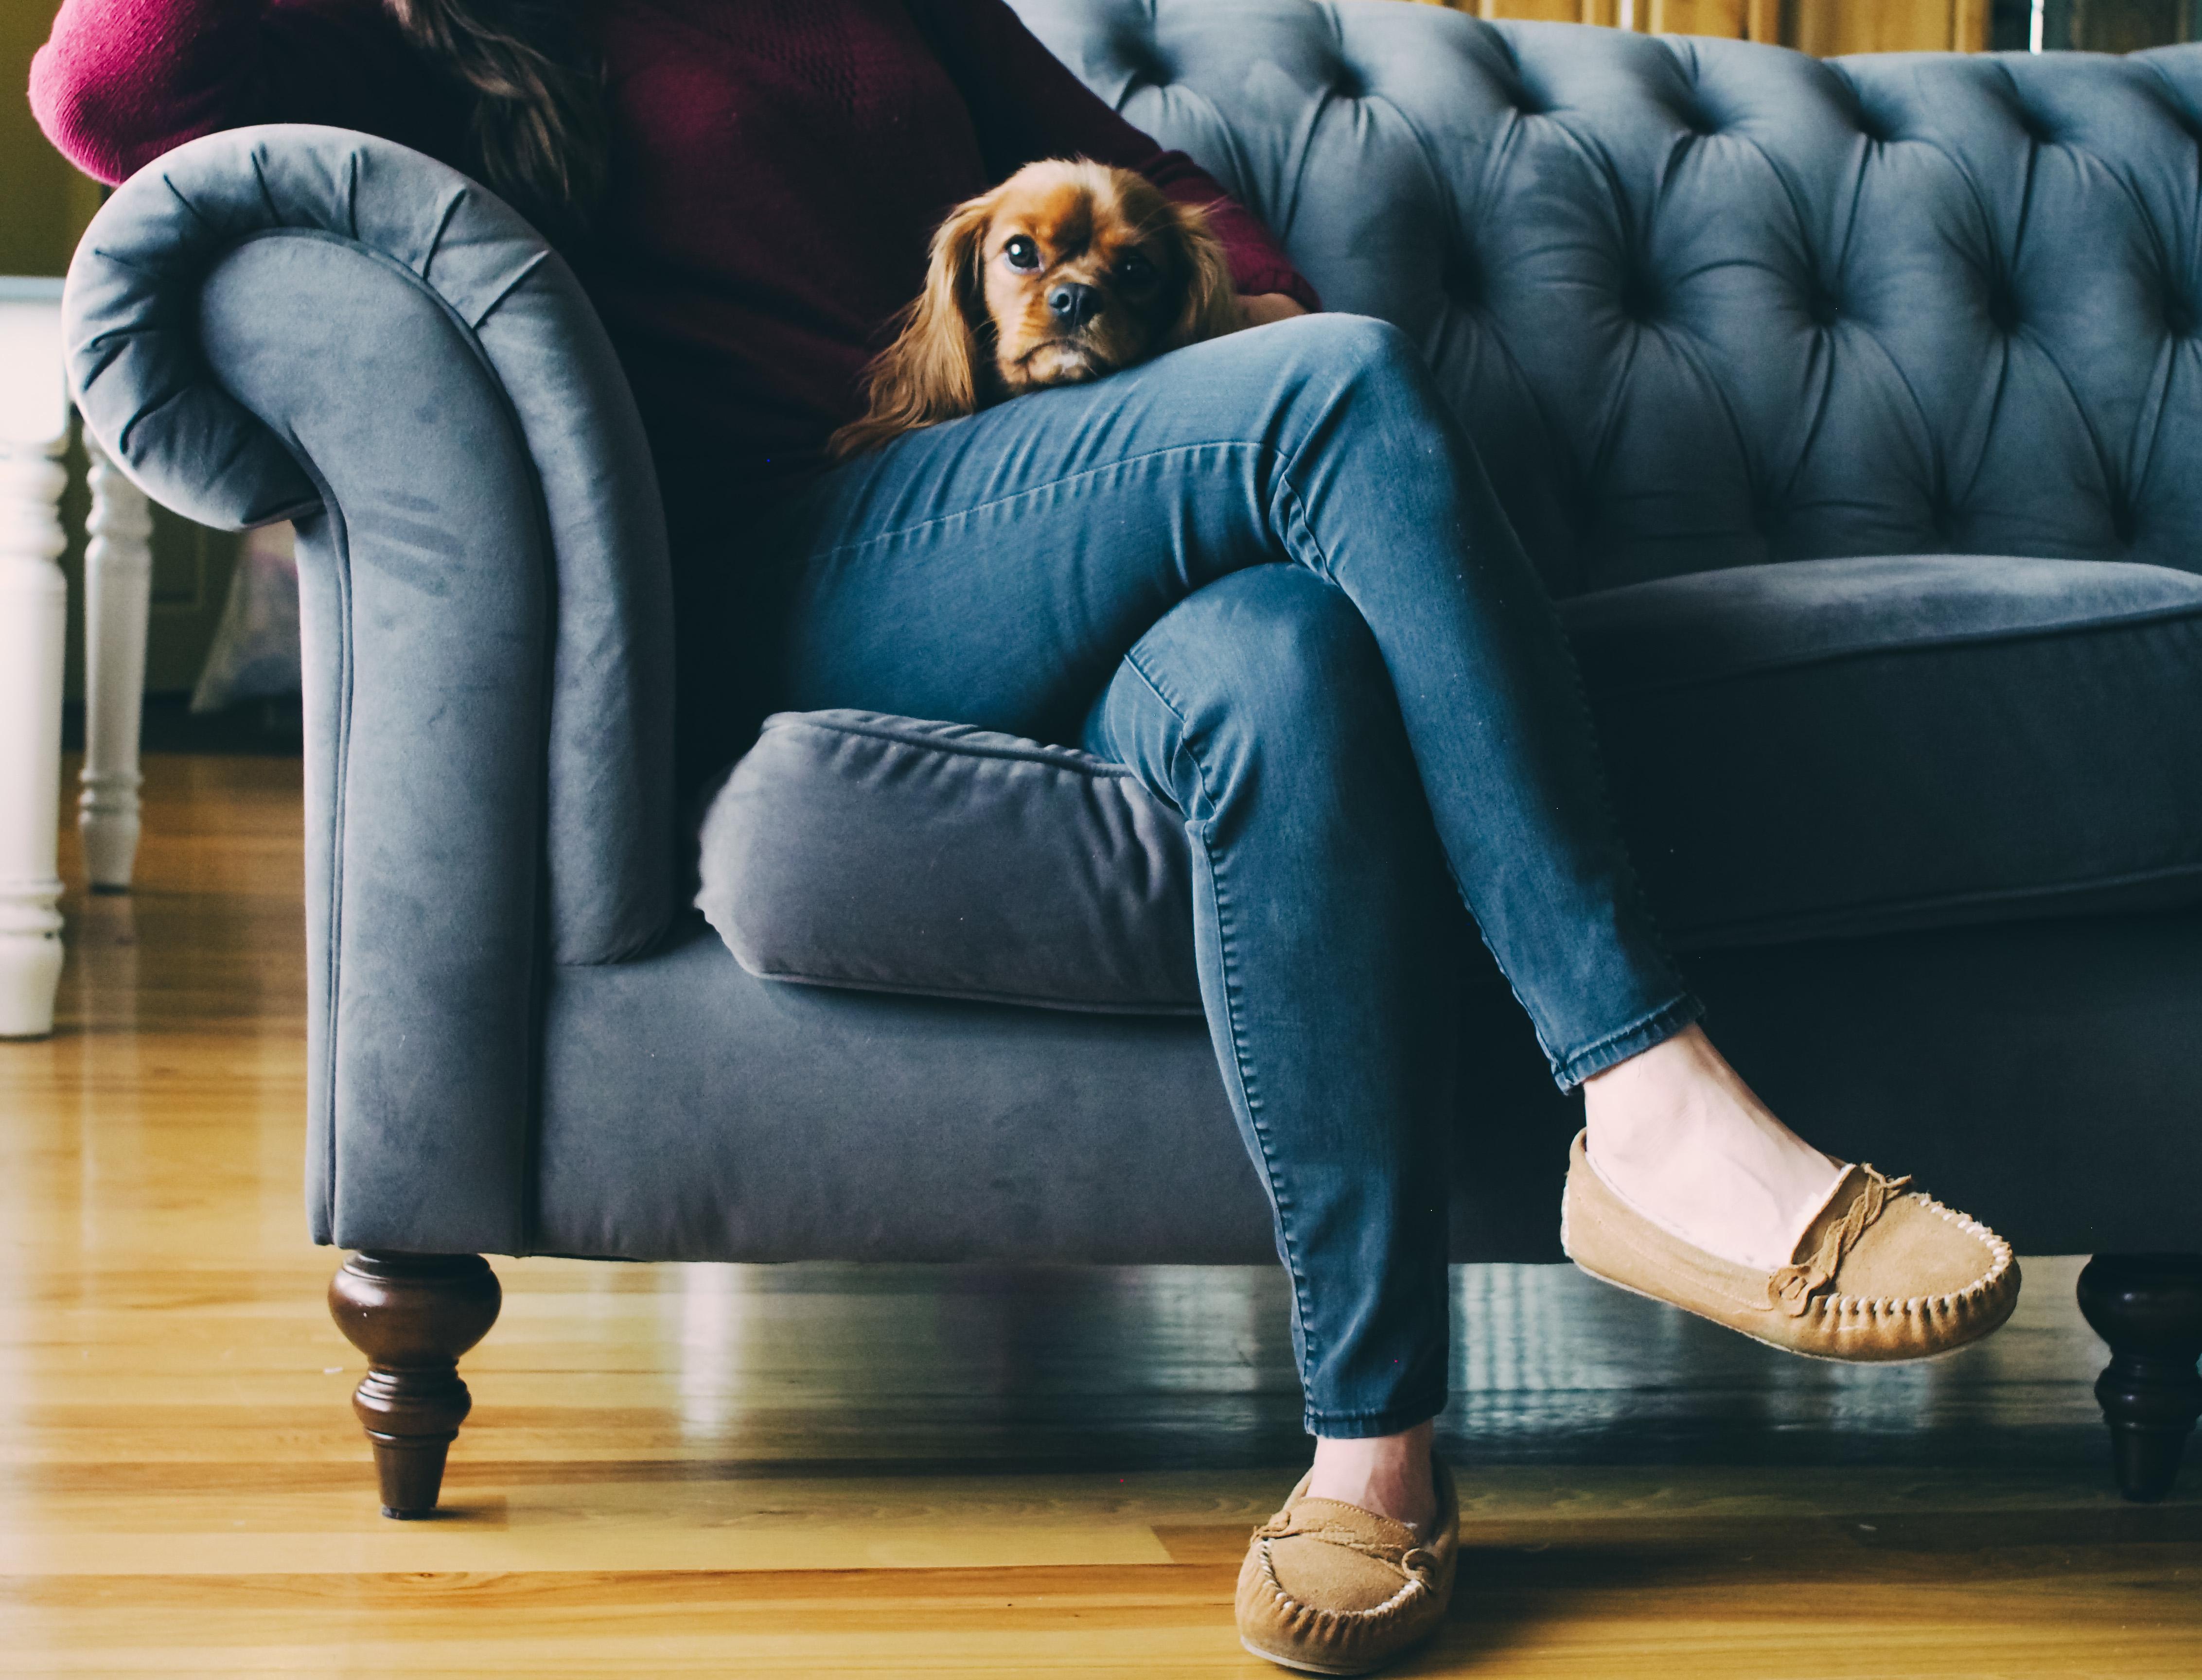 free images dog canine pet sitting blue furniture. Black Bedroom Furniture Sets. Home Design Ideas